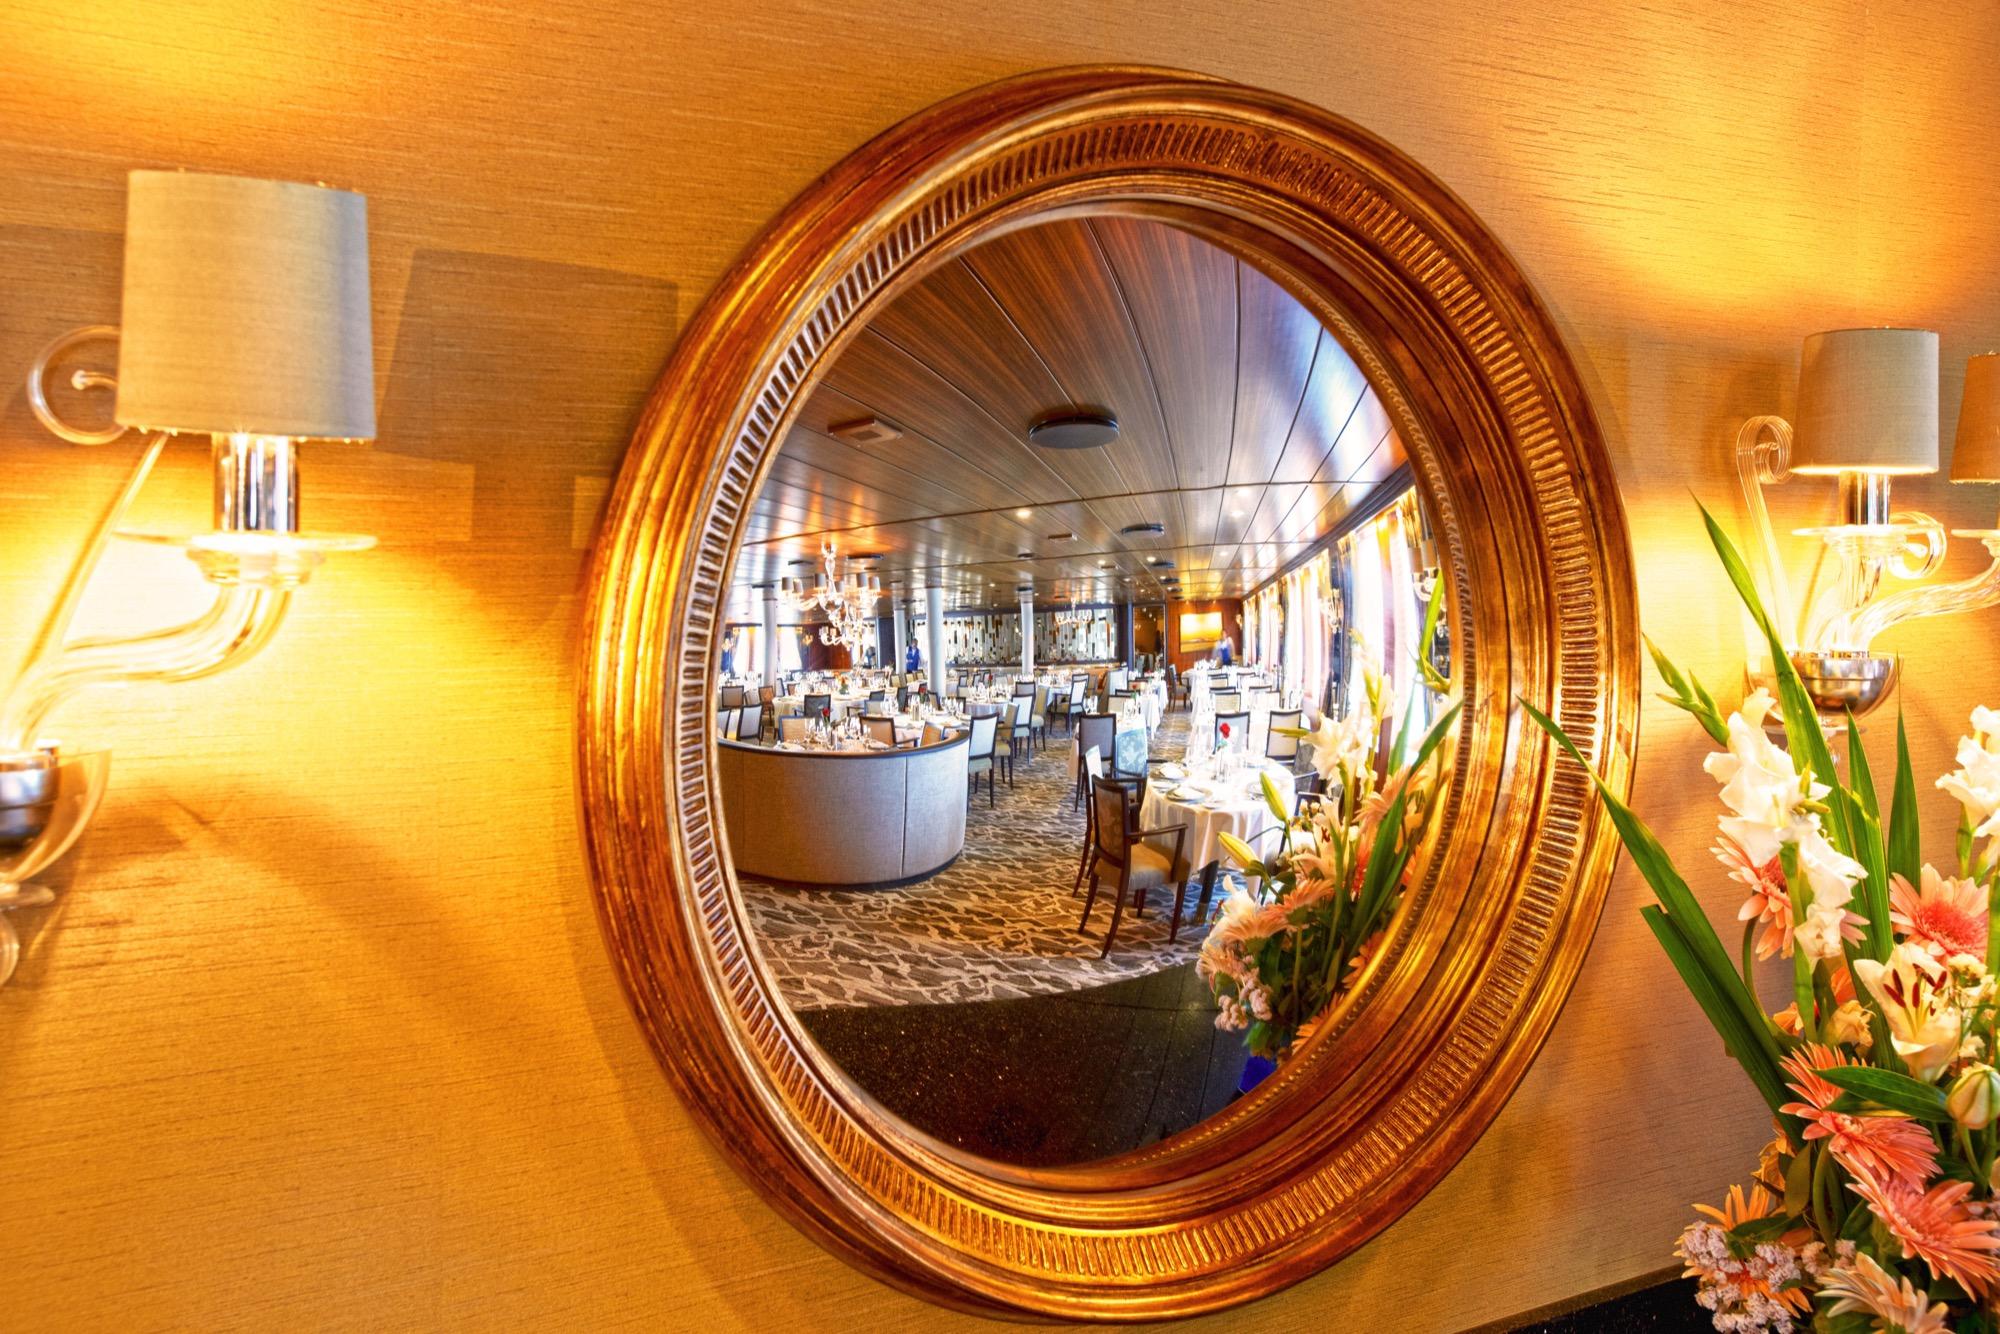 Windstar Wind Star & Wind Spirit Interior AmphorA Restaurant 5.jpg